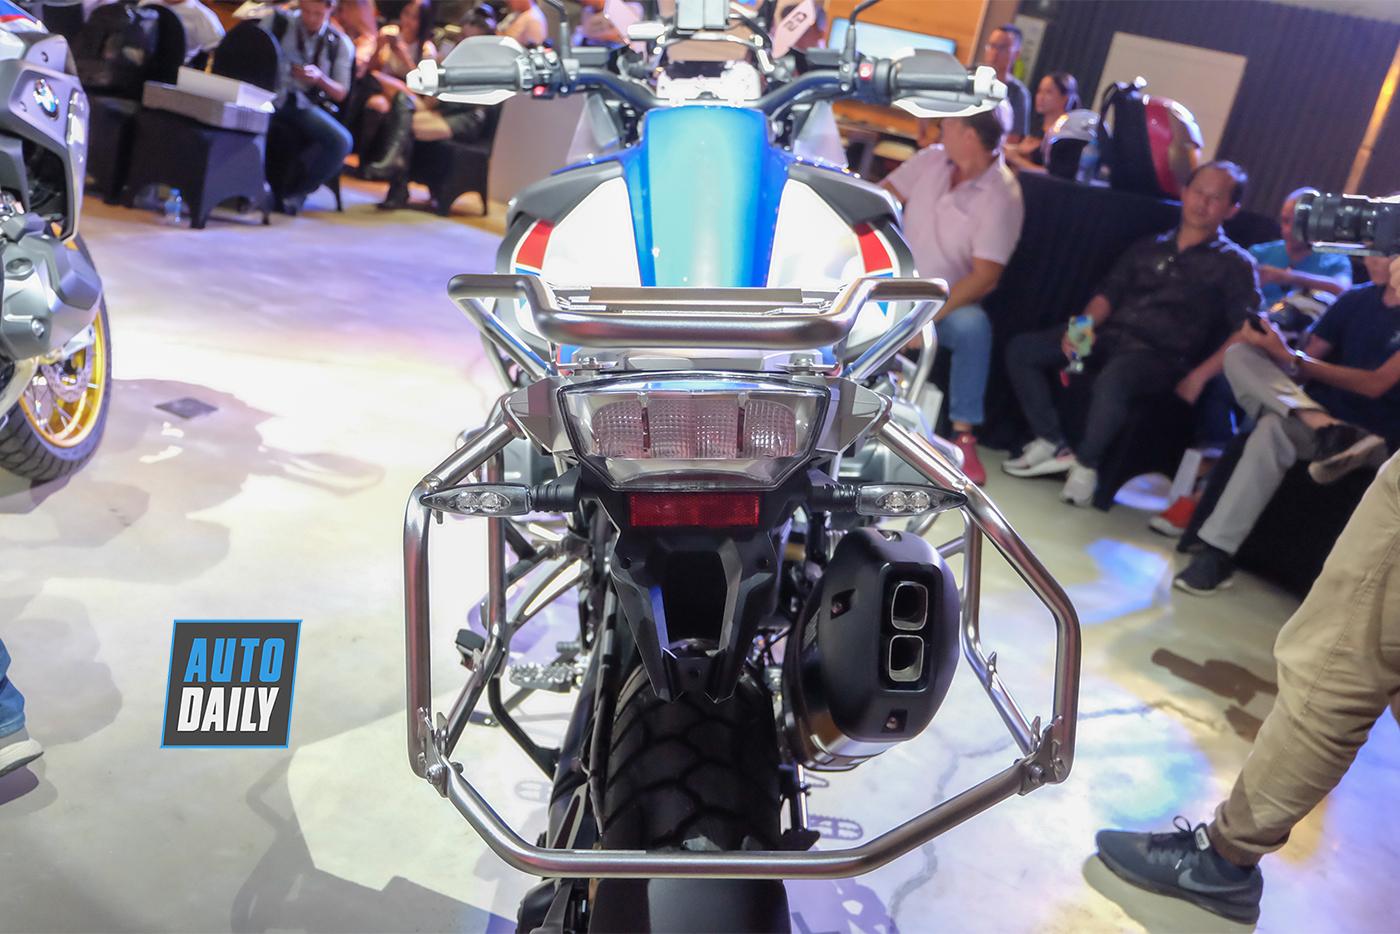 bmw-motorrad-r-1250-gsa-2019-41.jpg